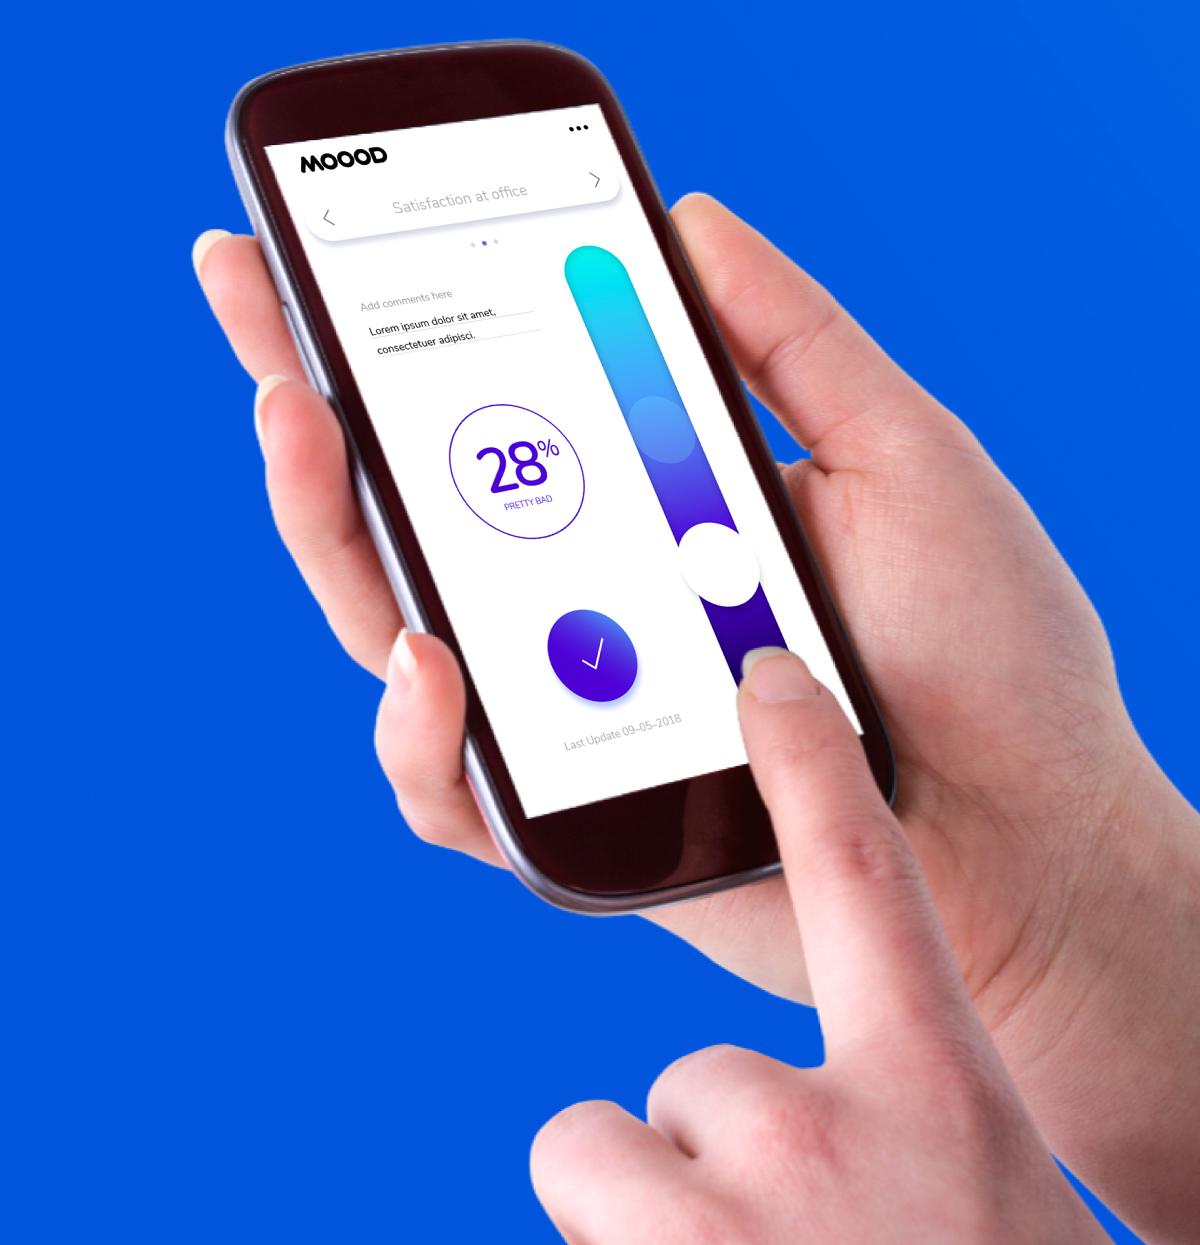 V aplikaci si uživatelé nastaví svou spokojenost na barevné škále